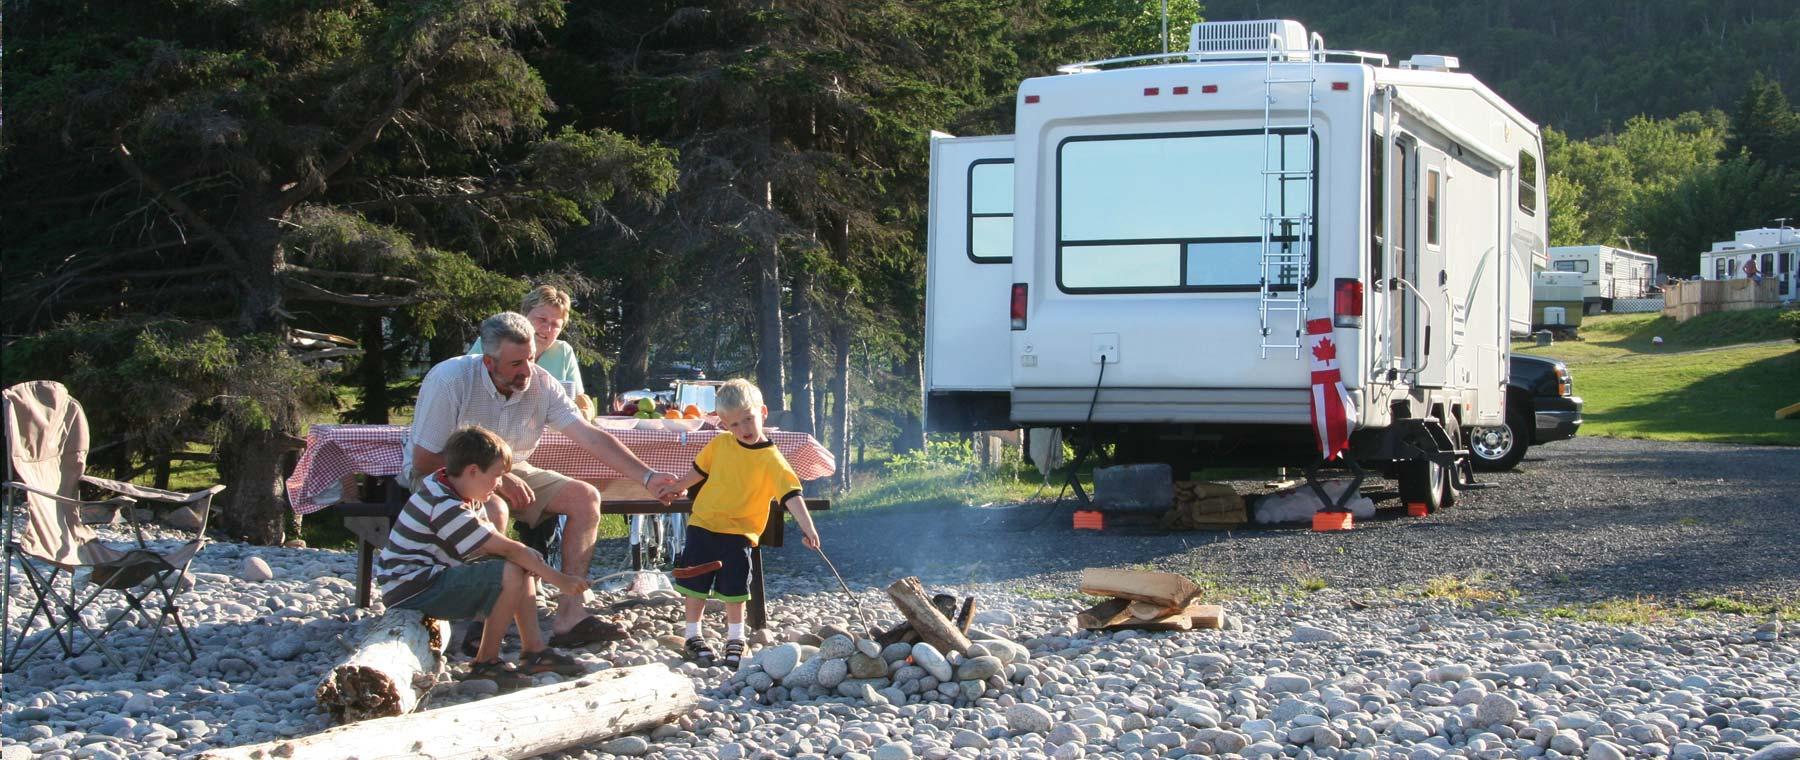 National Van Rentals Vancouver Island